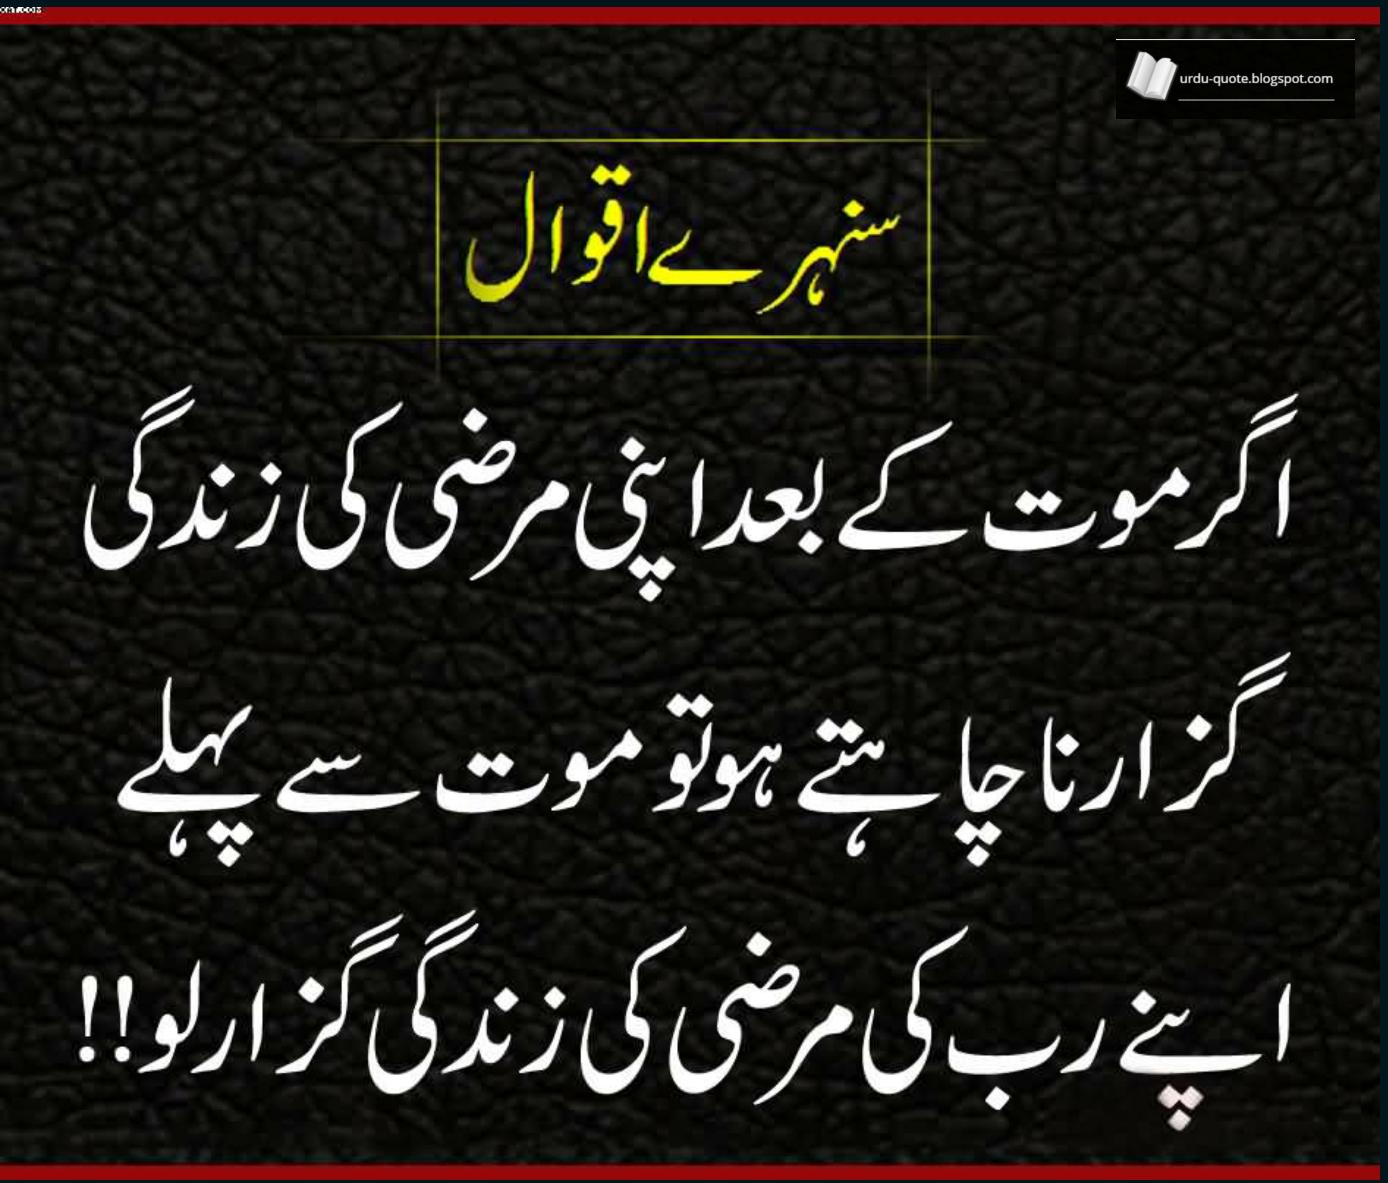 Urdu Quotes Best Urdu Quotes Famous Urdu Quotes